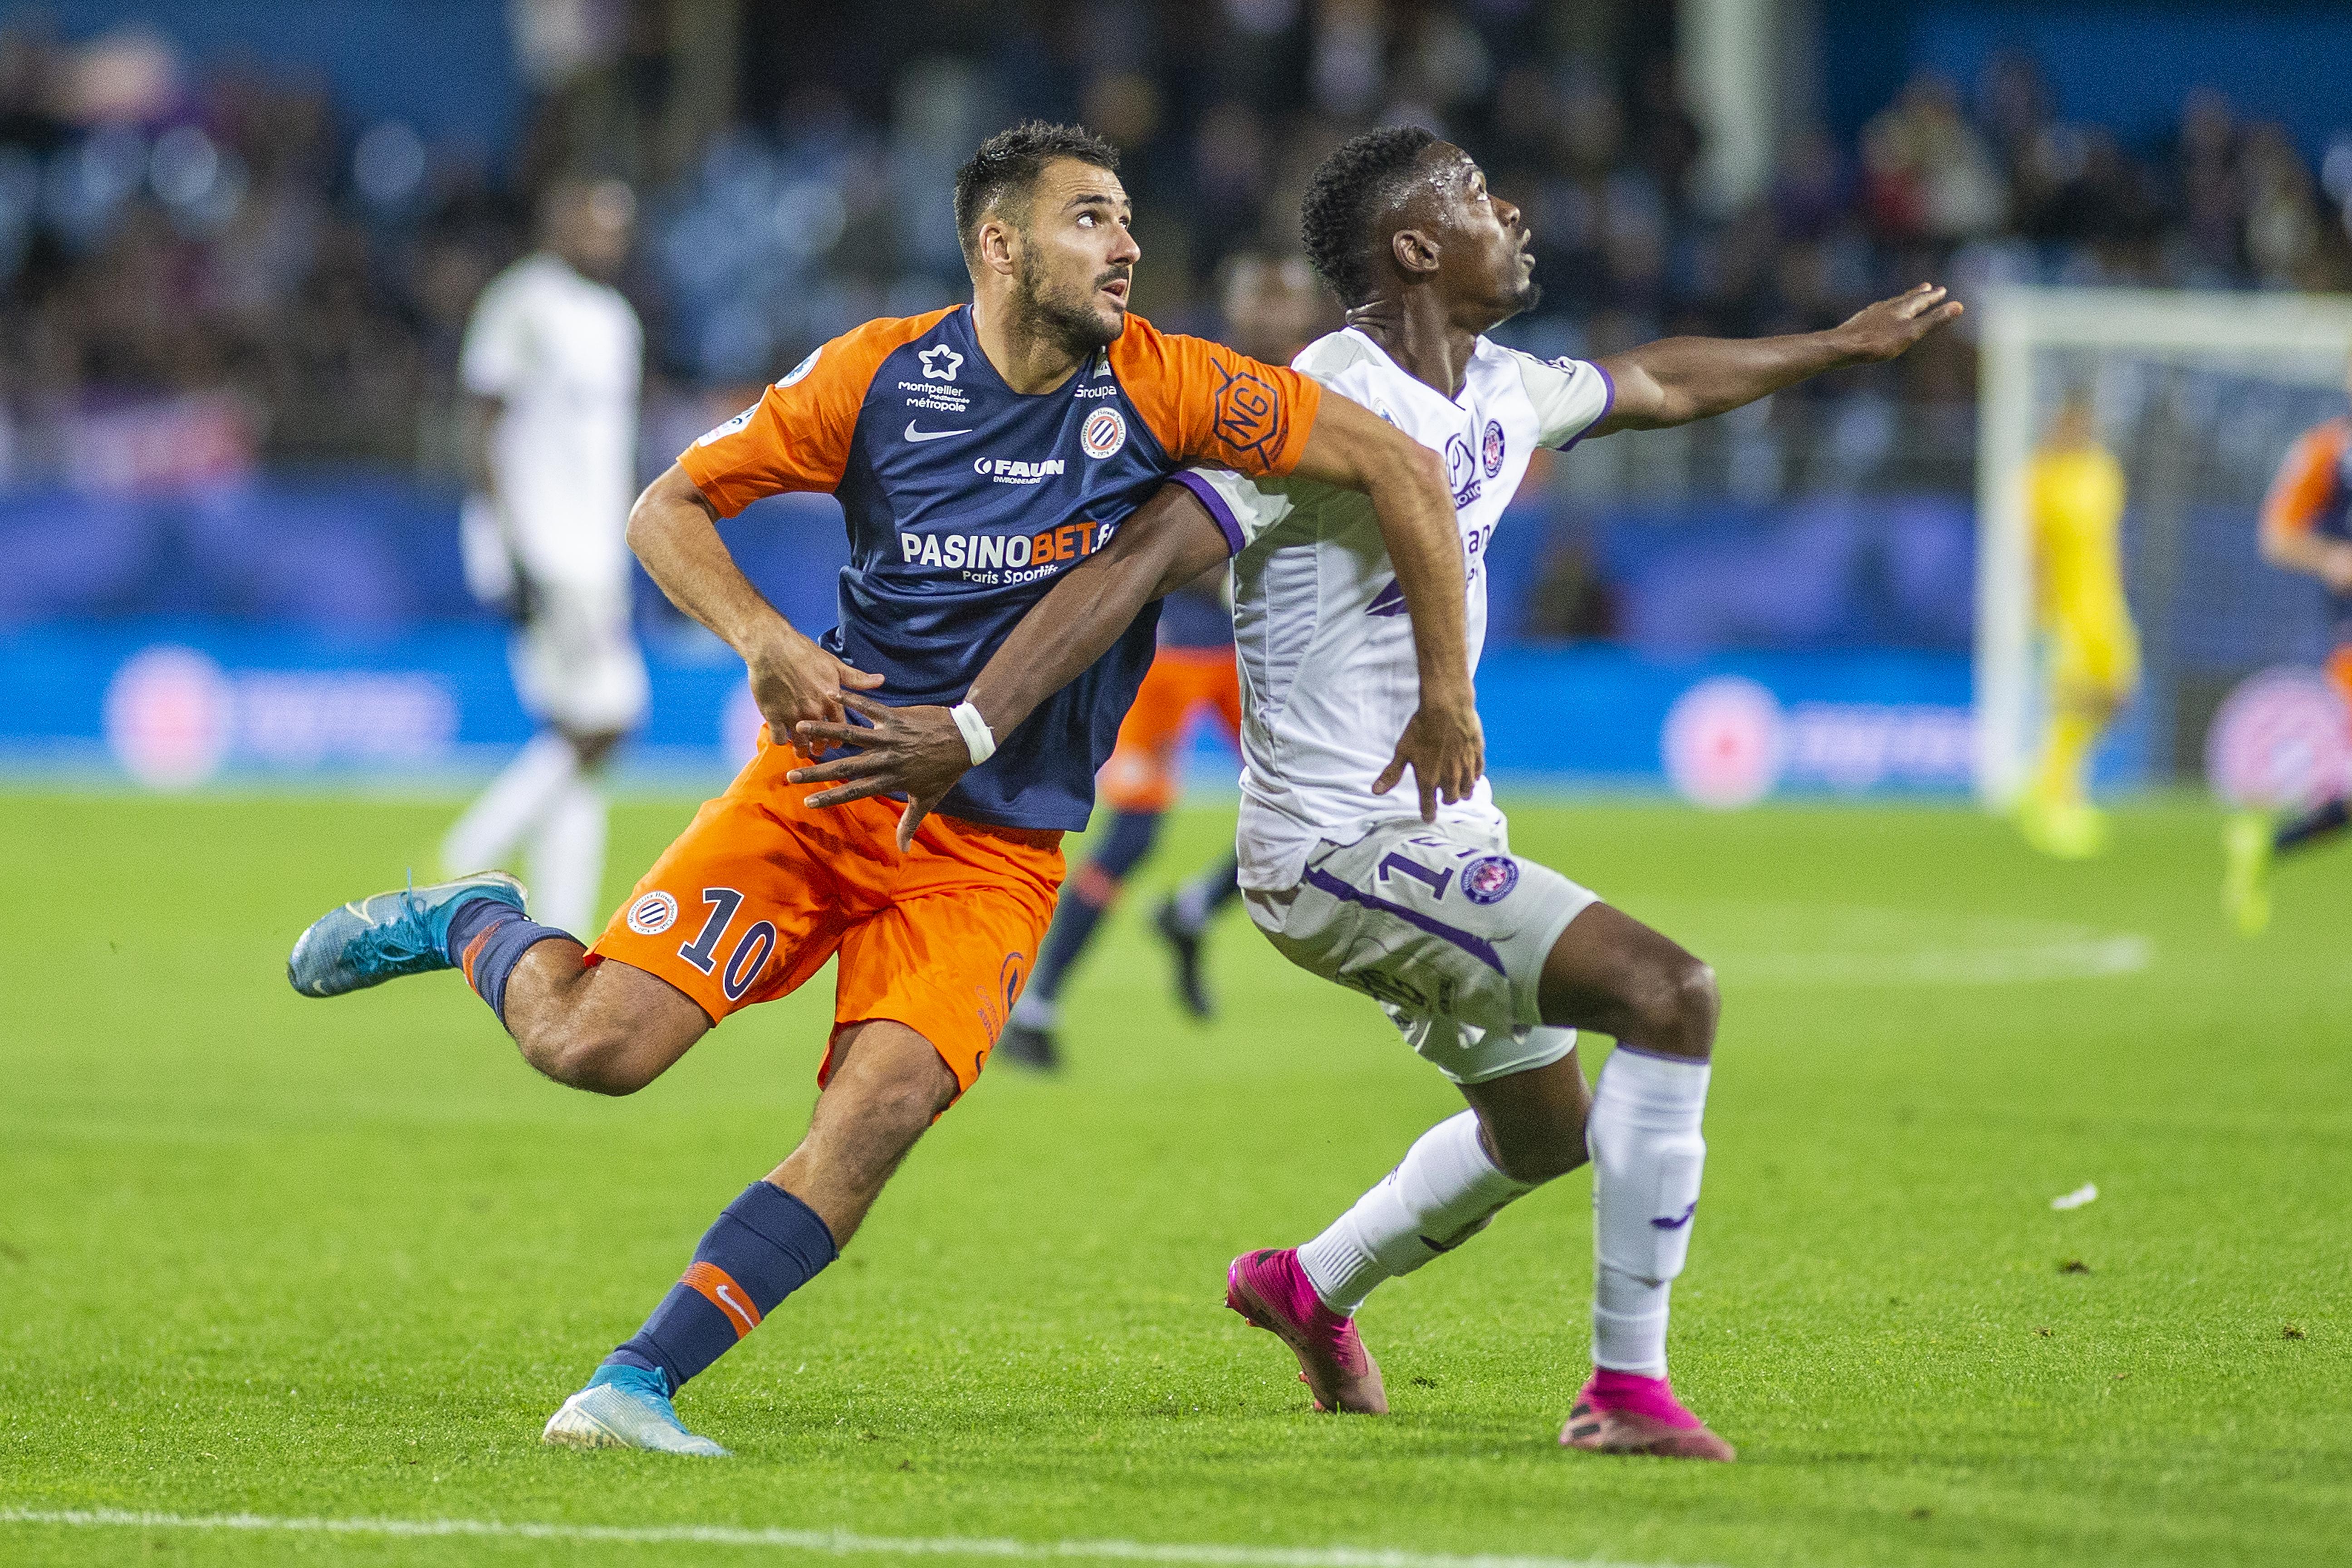 Montpellier V Toulouse.